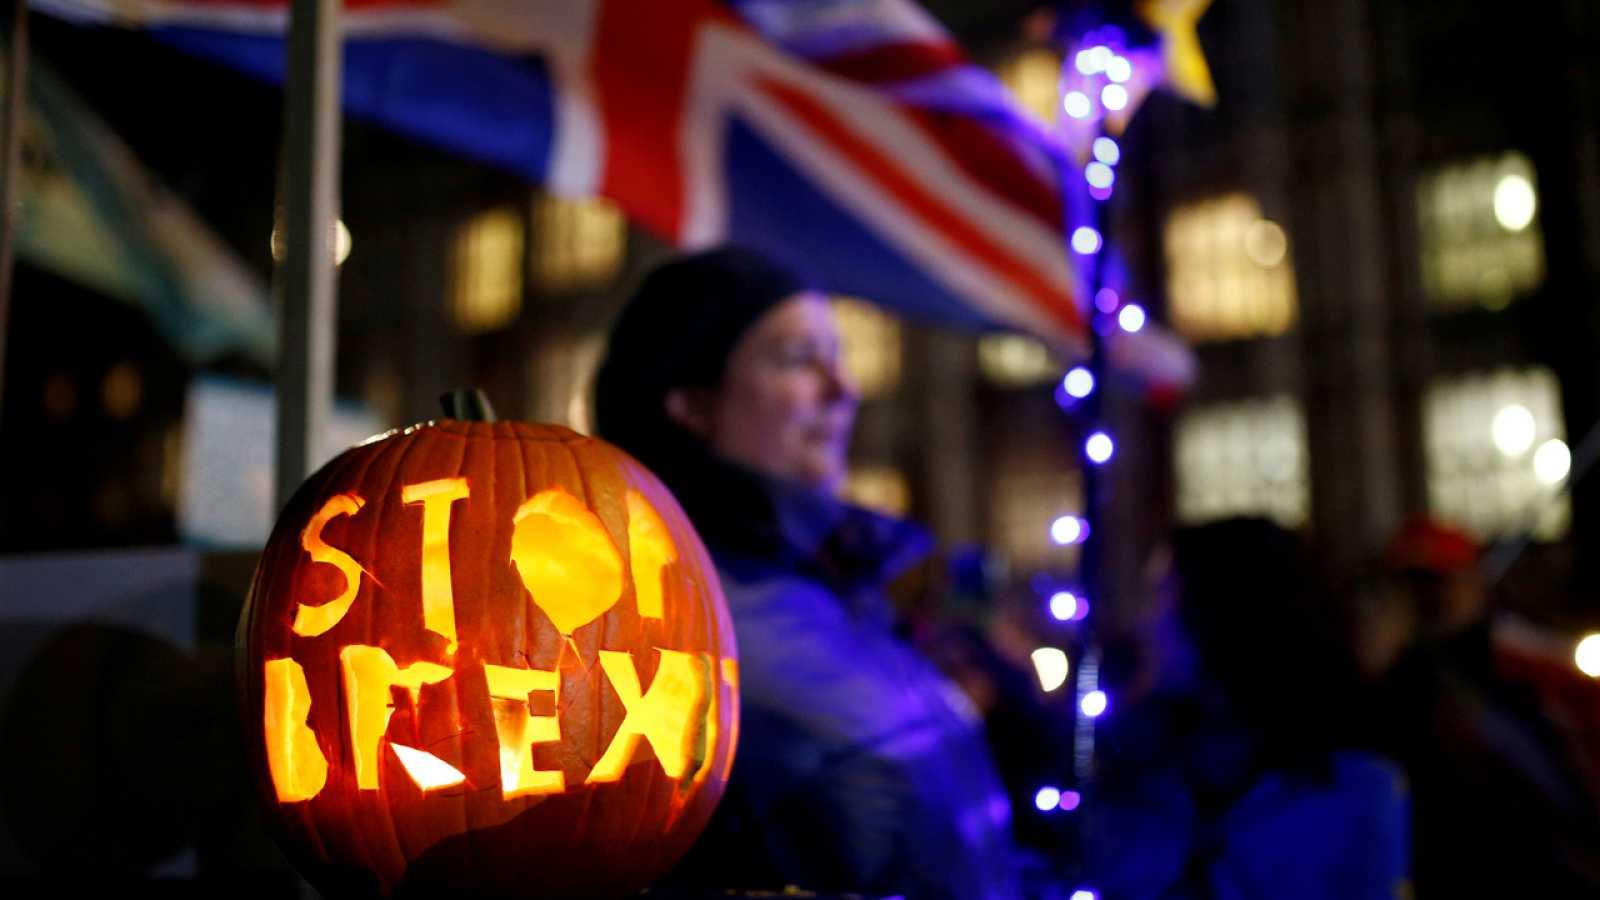 Un manifestante pide detener el 'Brexit' en Halloween, el día previsto para la salida que quedó pospuesto.